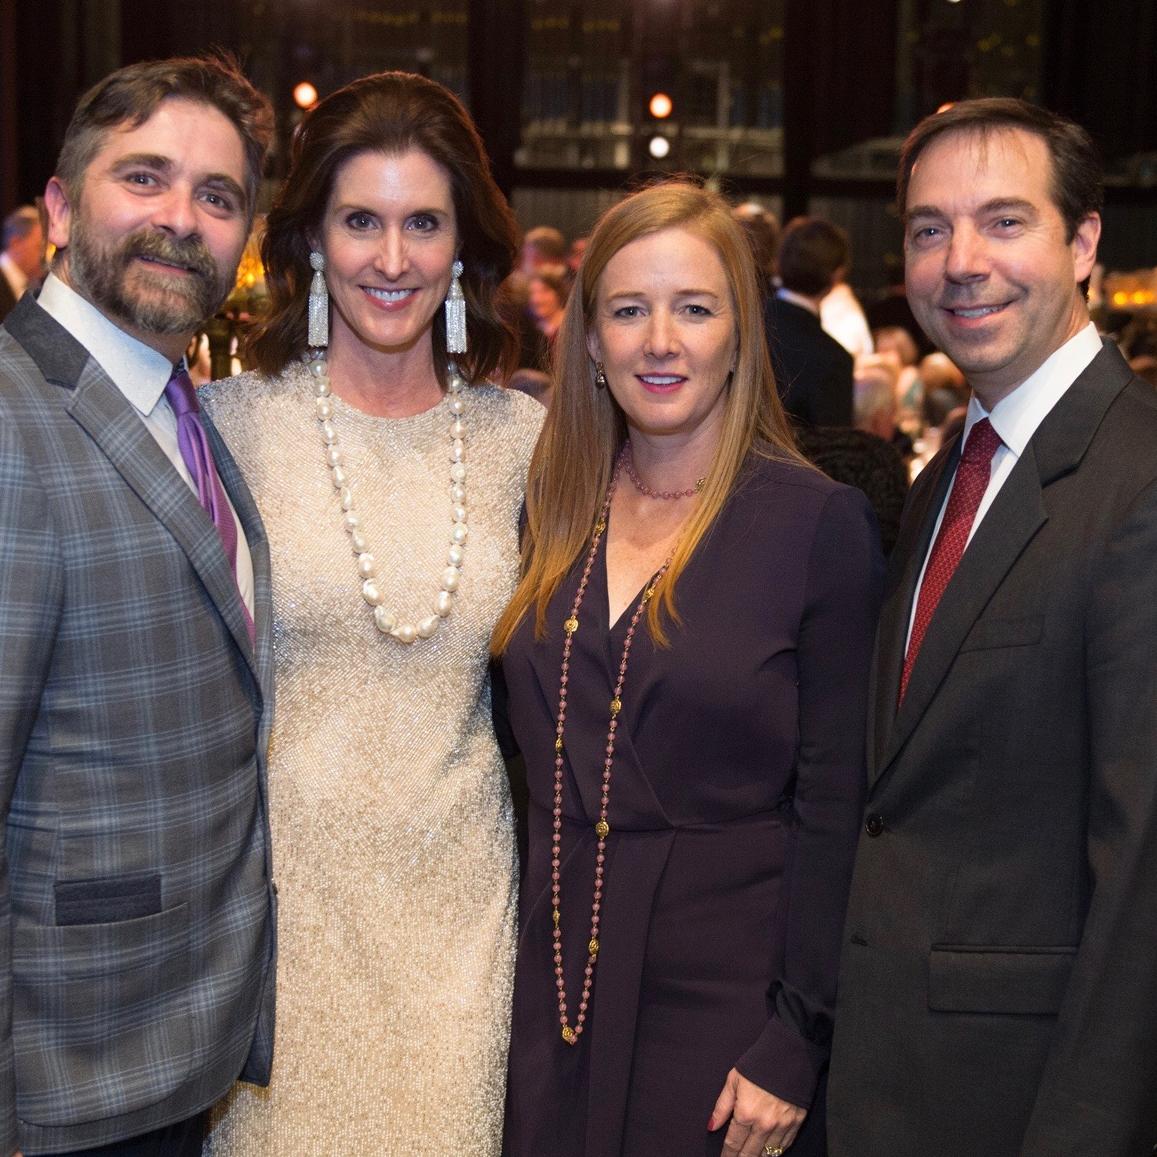 Houston Ballet Opening Night Dinner, Stanton Welch, Phoebe Tudor, Allison Thacker, Jim Nelson